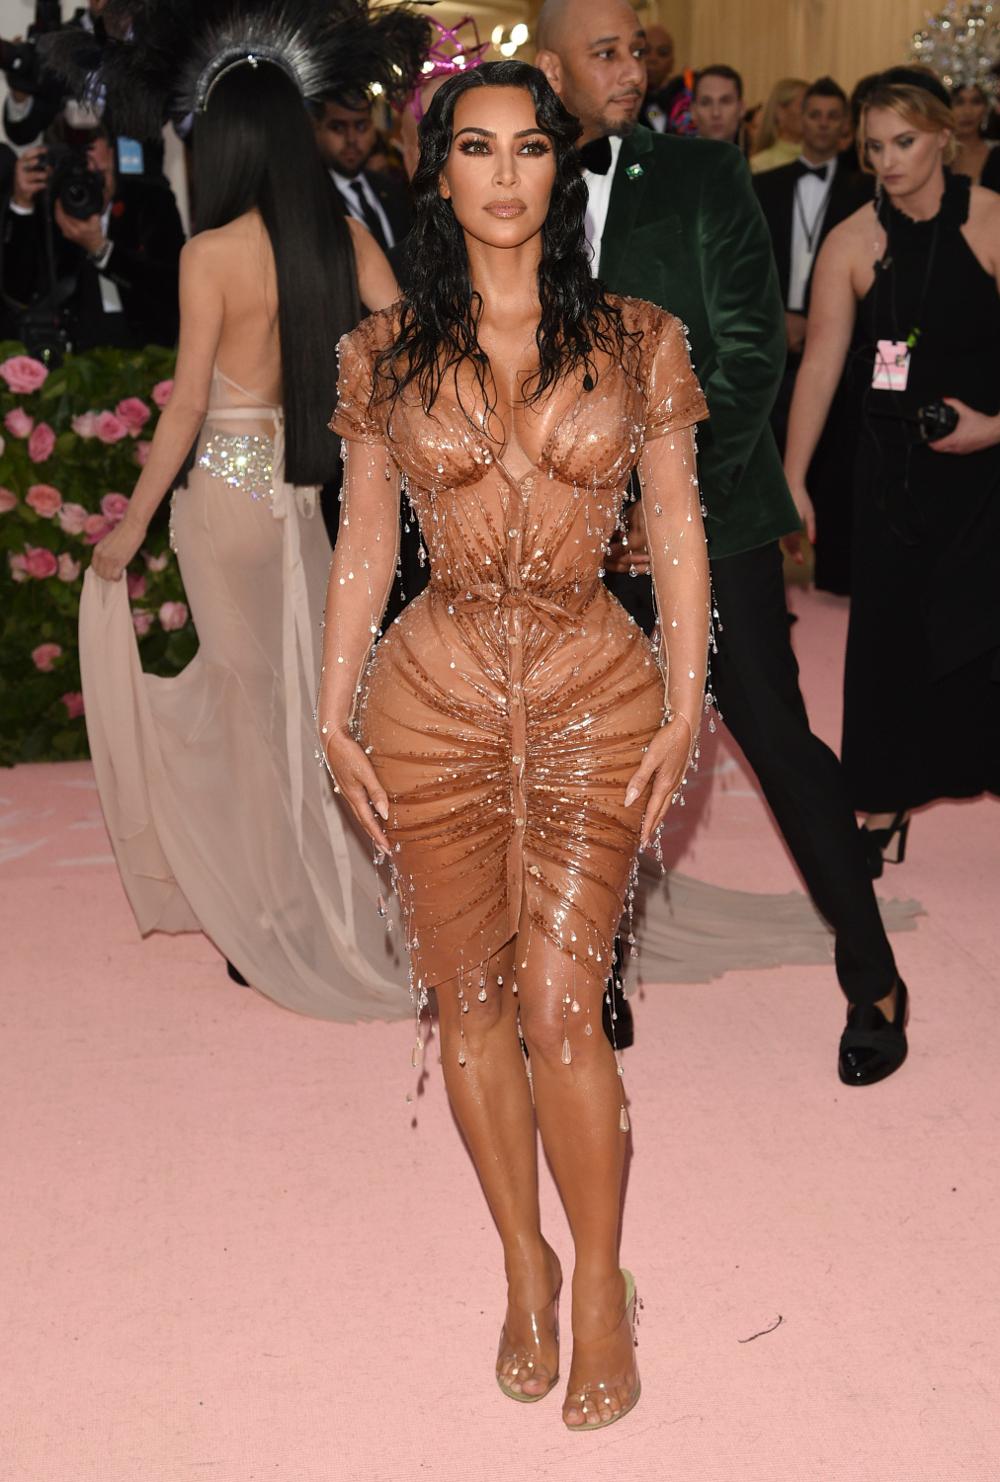 Η ΚΙμ Καρντάσιαν με nude φόρεμα στο Met Gala